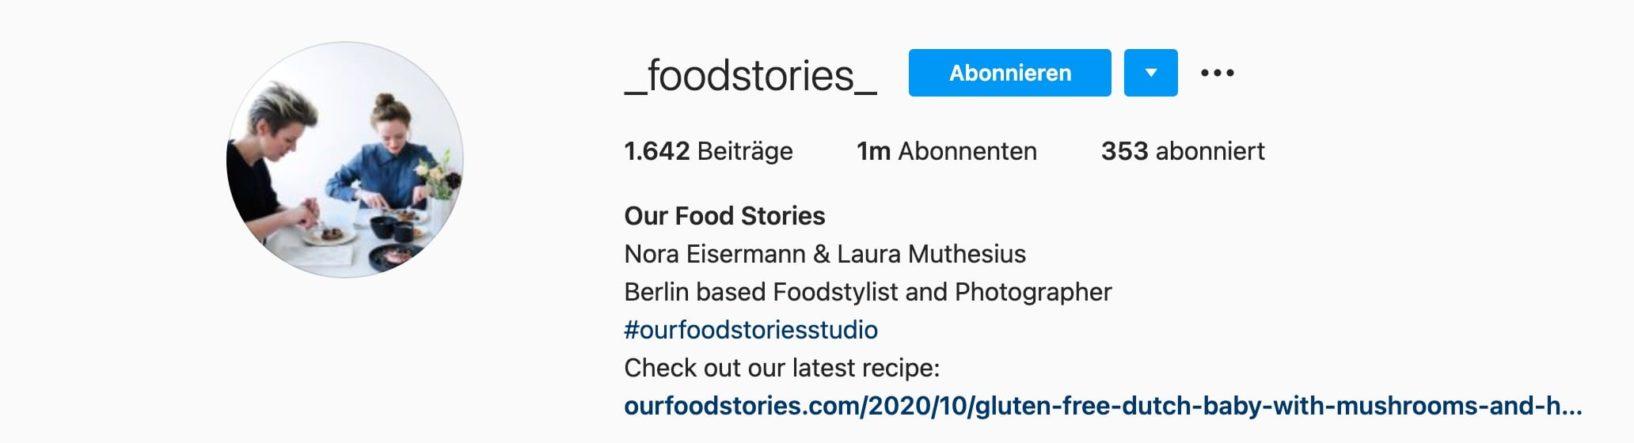 Top-7-Instagram-Influencer-foodstories-Einstein1